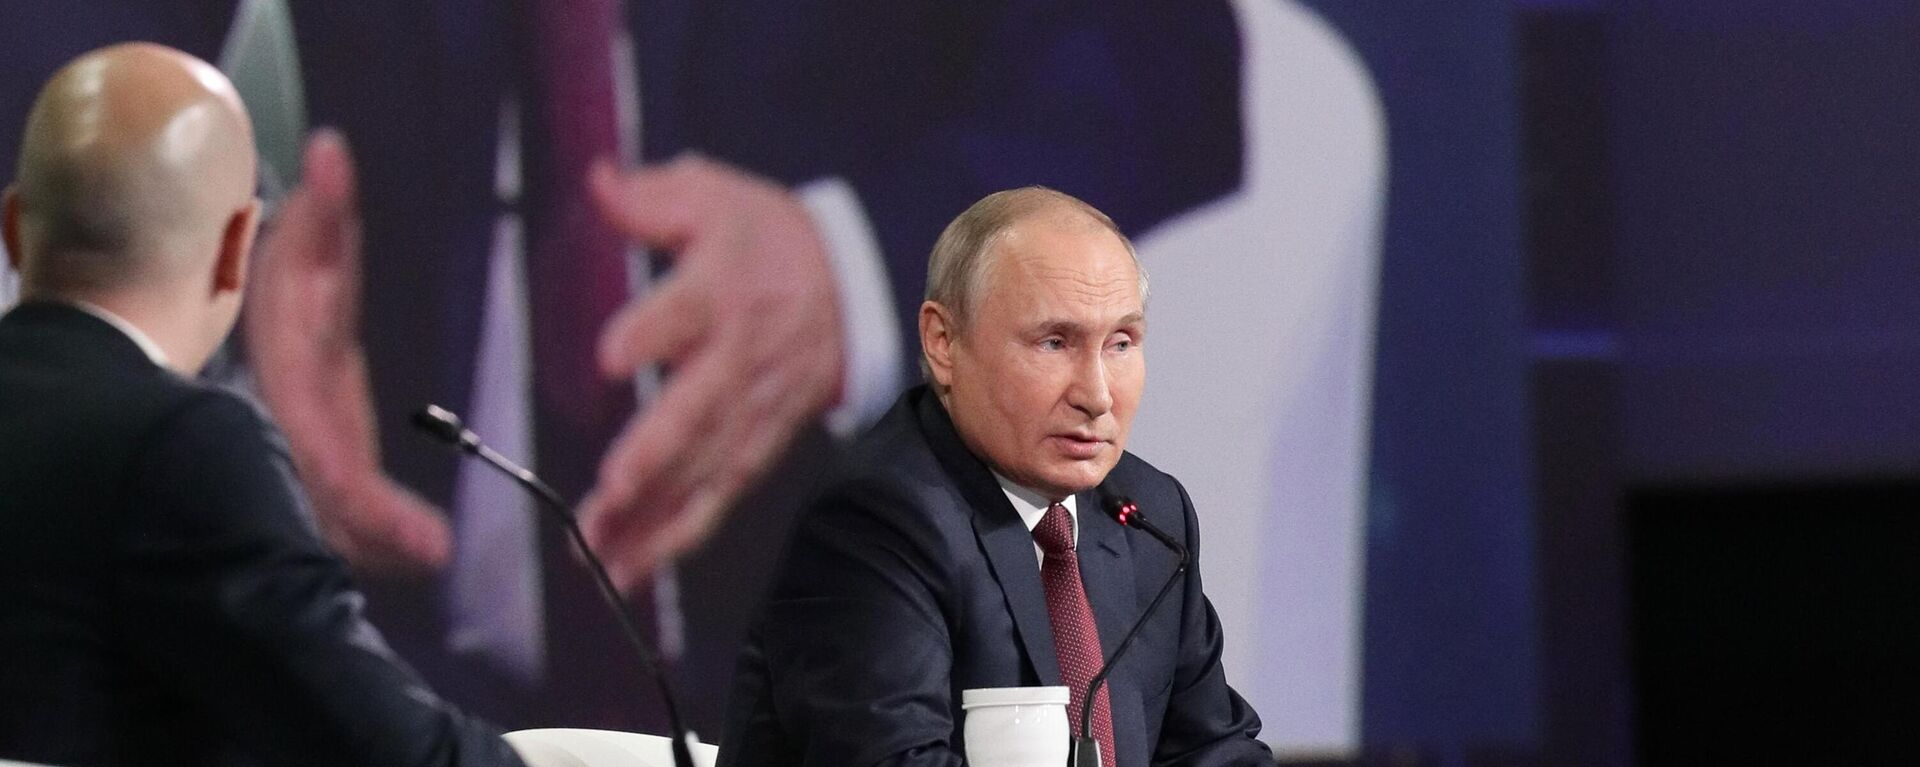 Президент РФ В. Путин - Sputnik Таджикистан, 1920, 04.06.2021